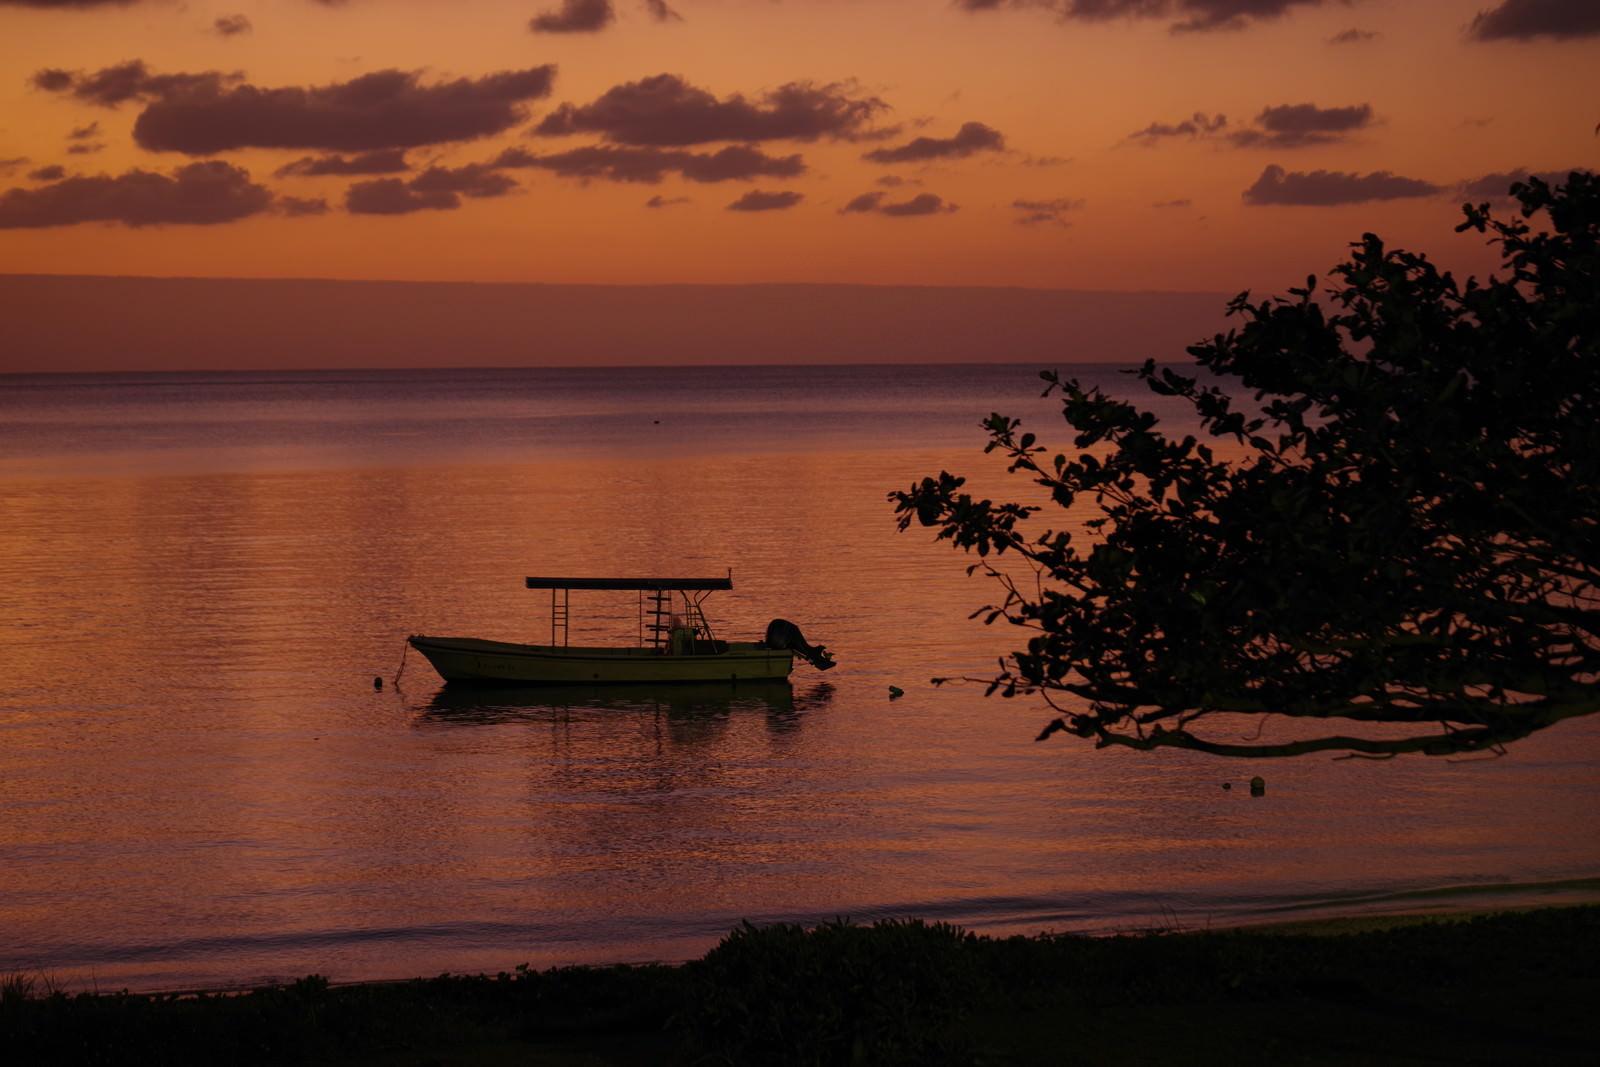 「夕暮れ時の海とボート(沖縄県)」の写真